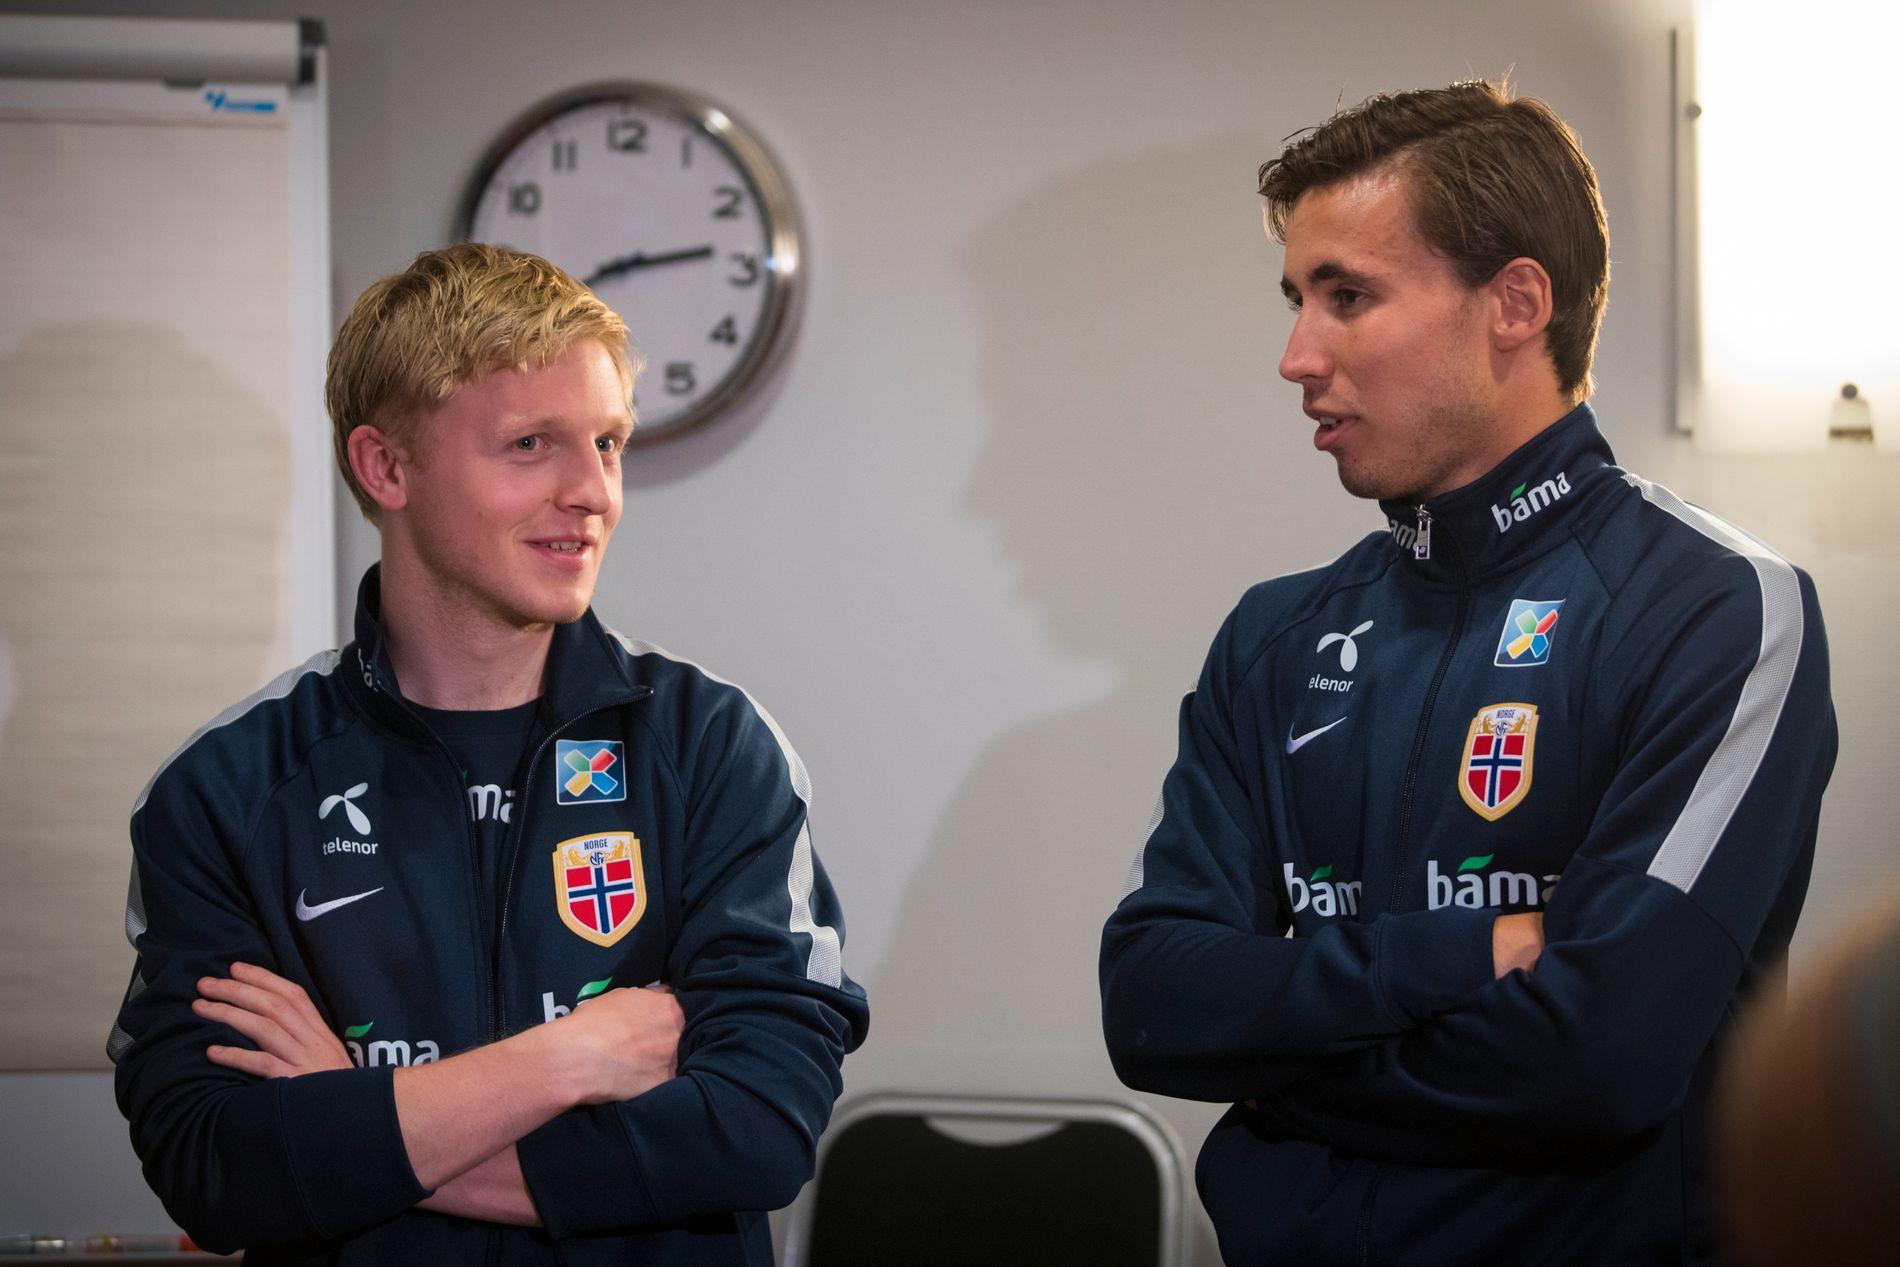 MOT NYE TIDER? Mats Møller Dæhli i prat med jevnaldrende Anders Trondsen under A-landslagets pressetreff i Sandvika onsdag.